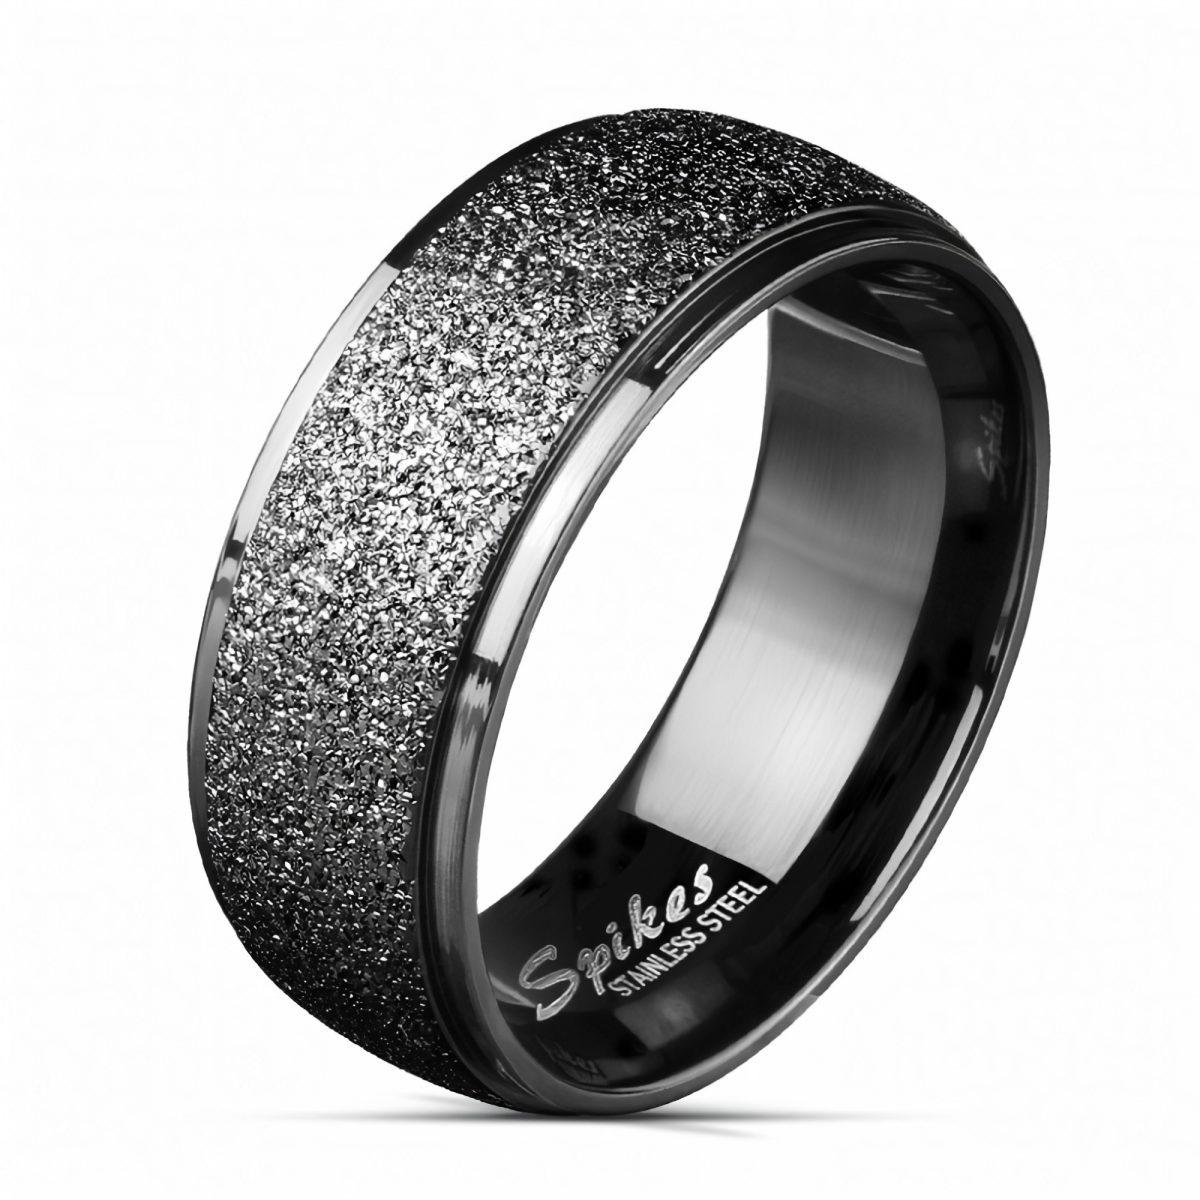 Черное кольцо с мраморной пылью